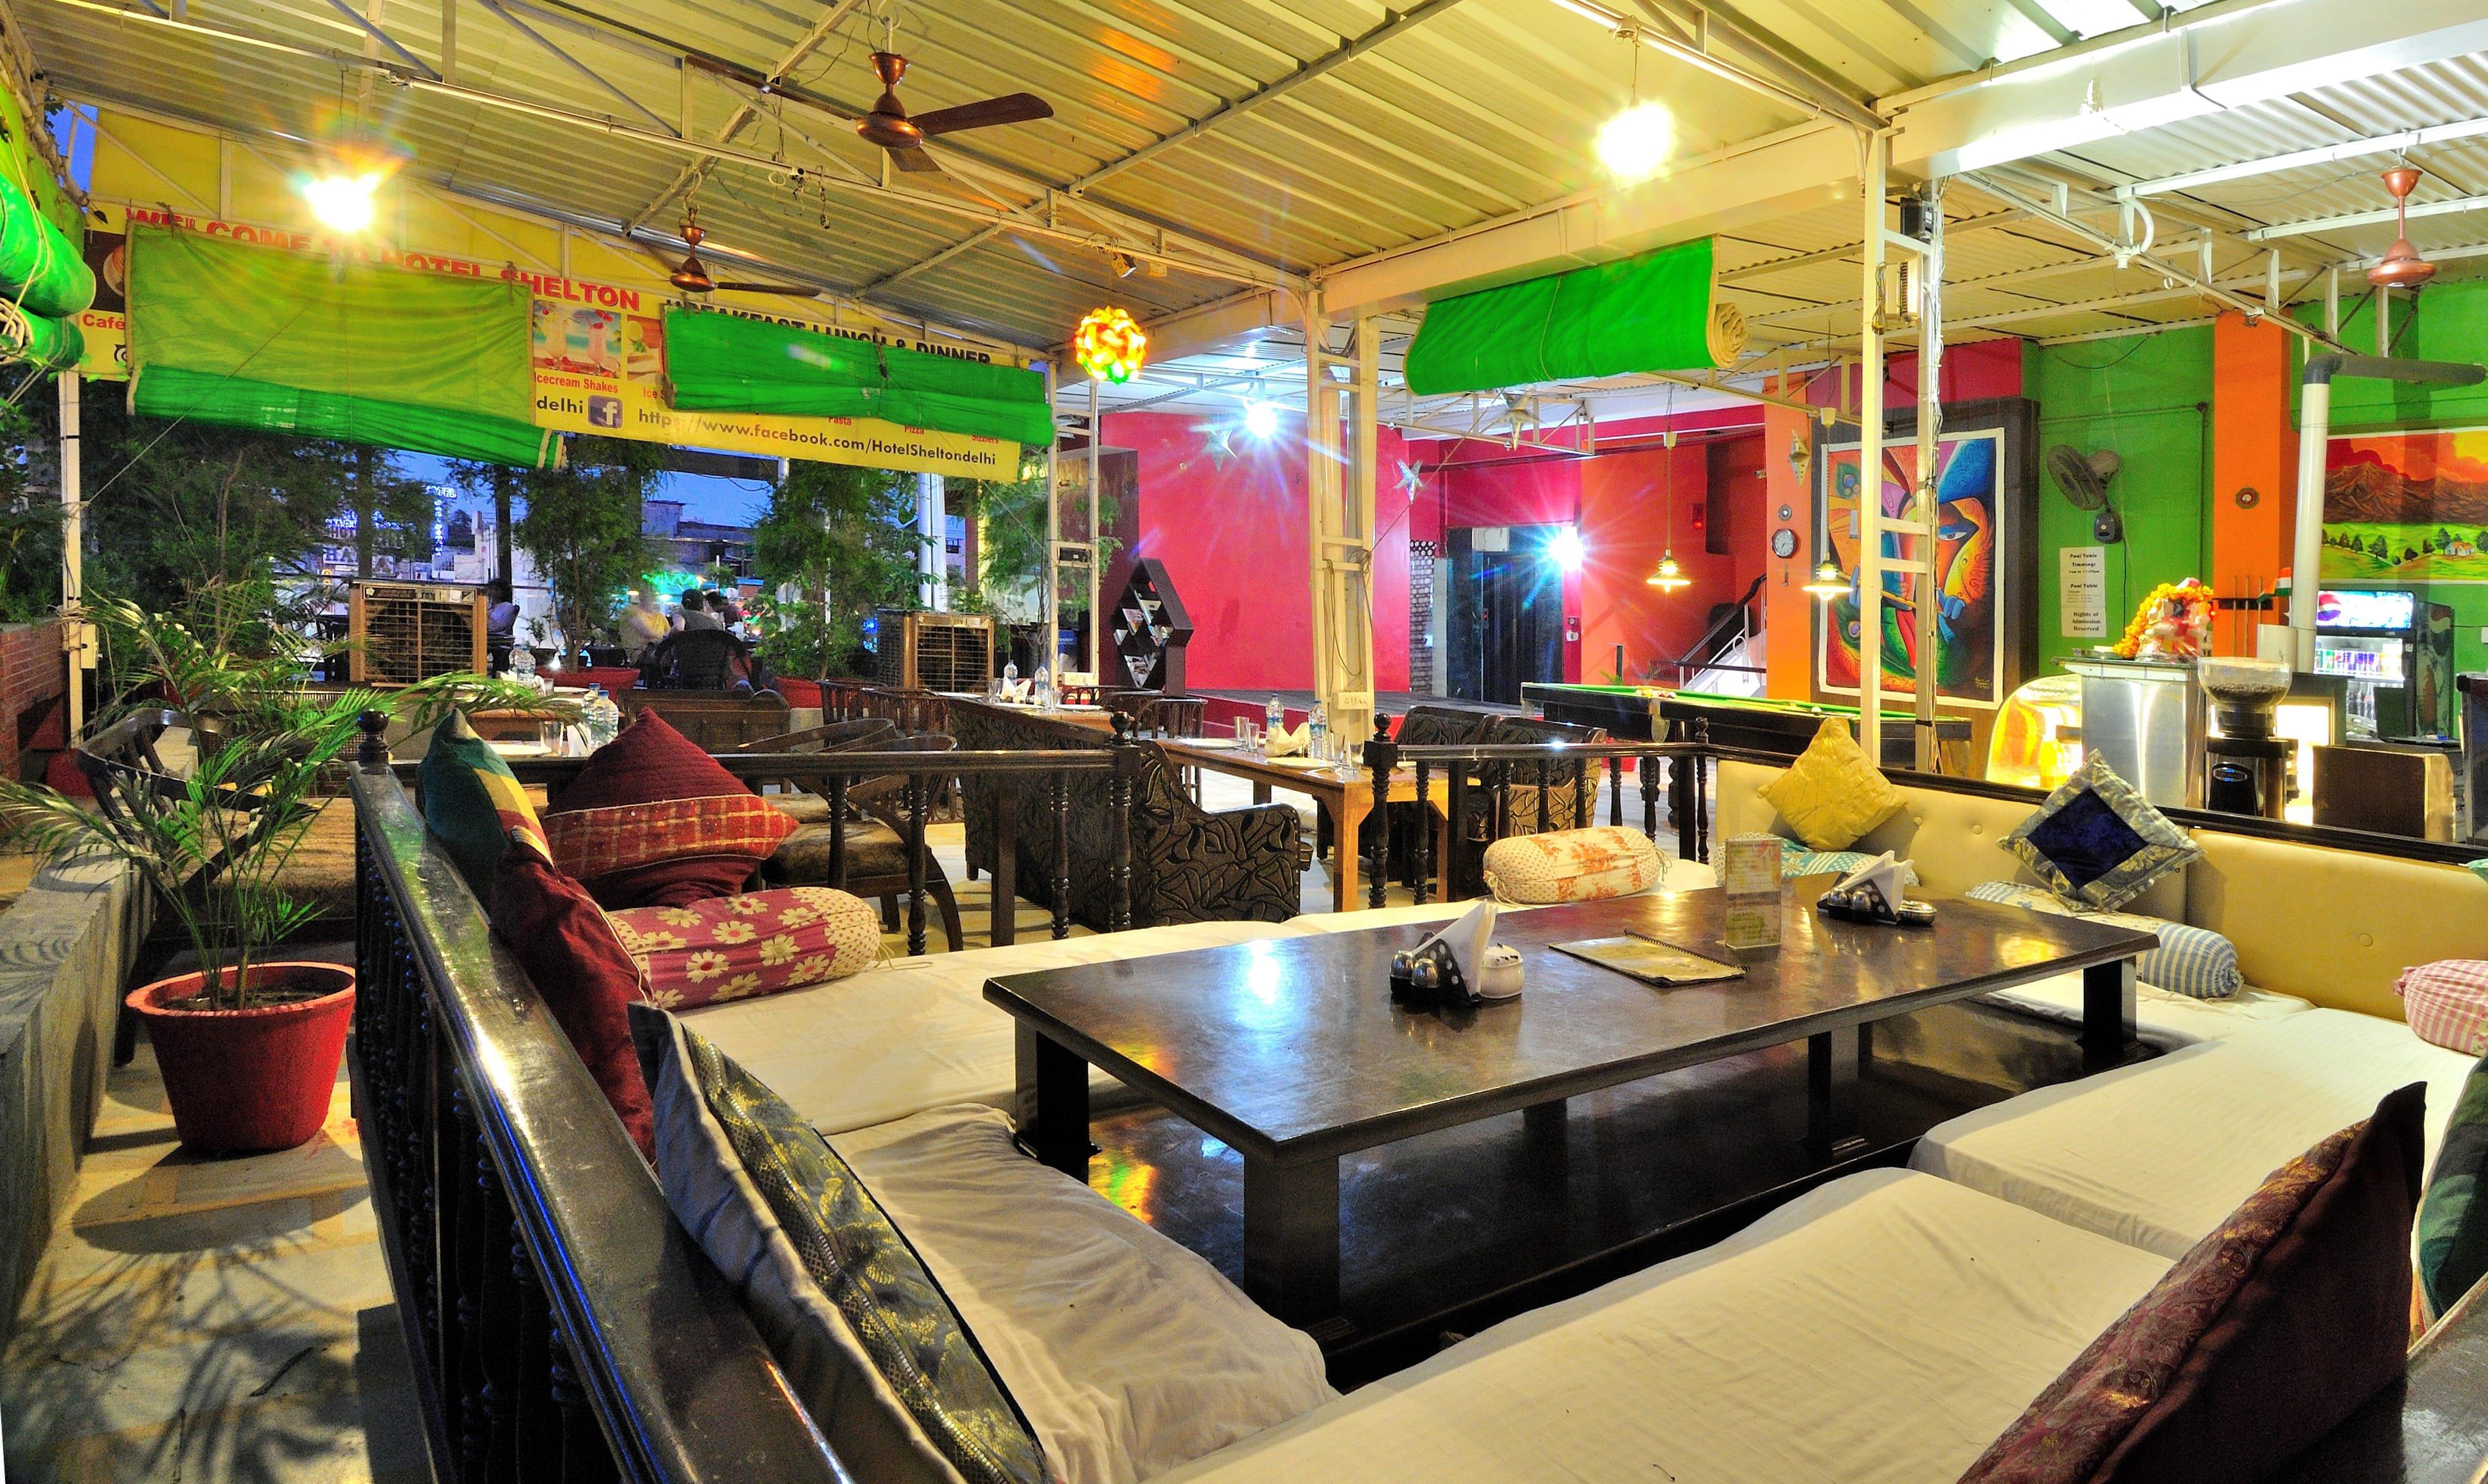 Image result for kitchen cafe roof top restaurant